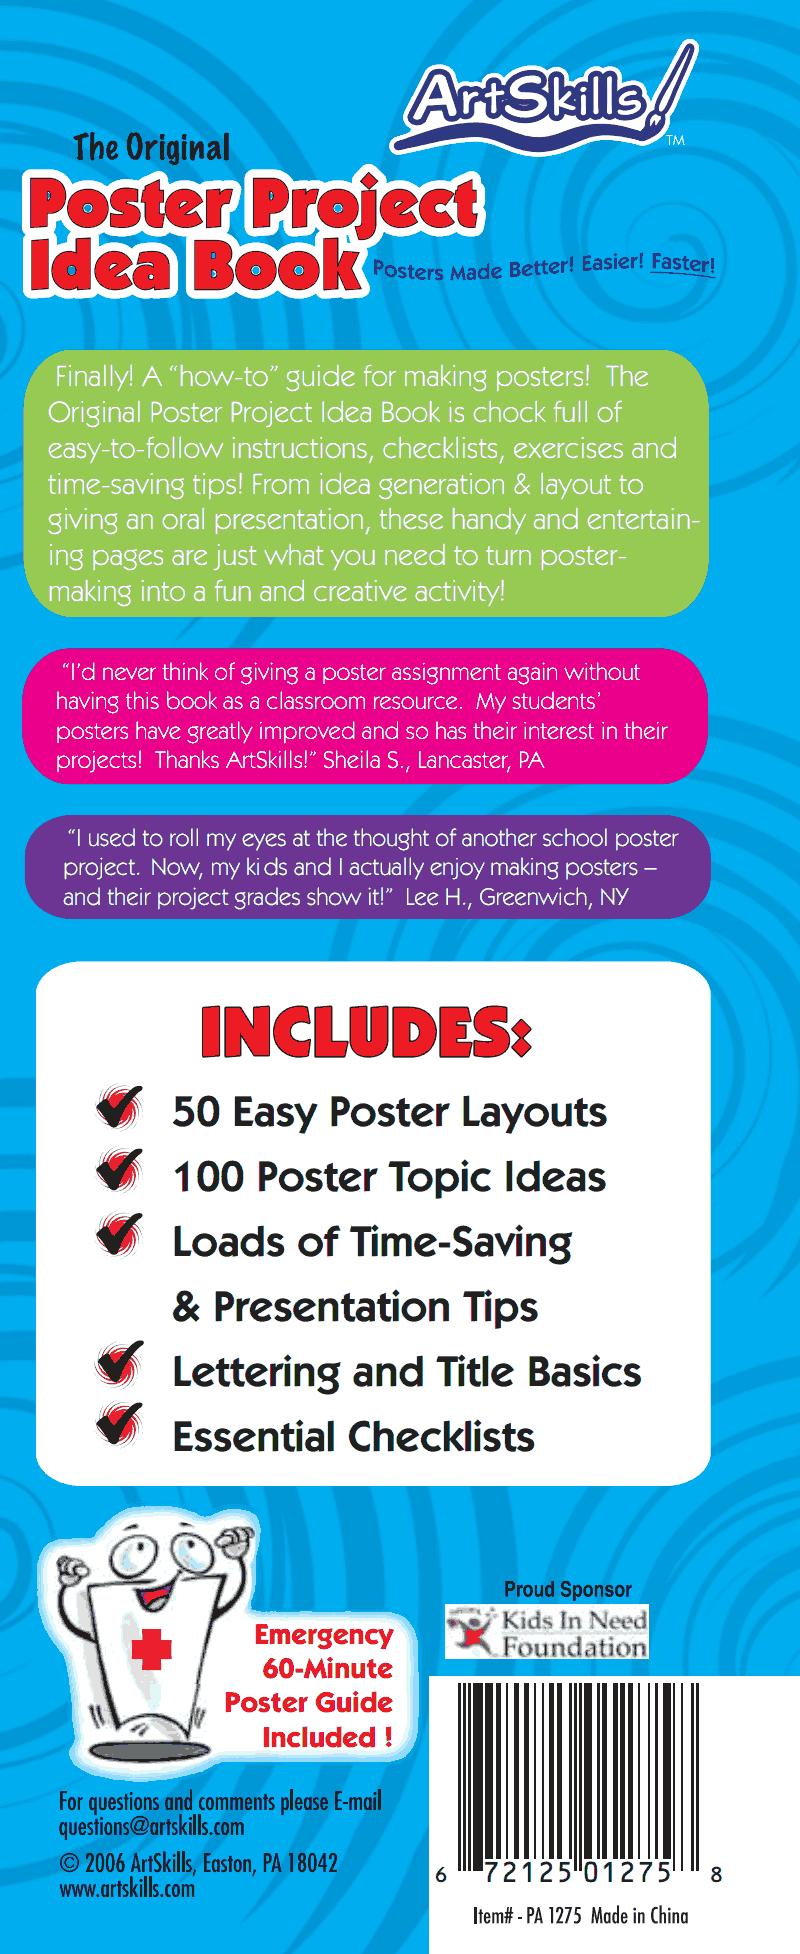 artskills_poster_handbook.pdf Saving tips, Poster